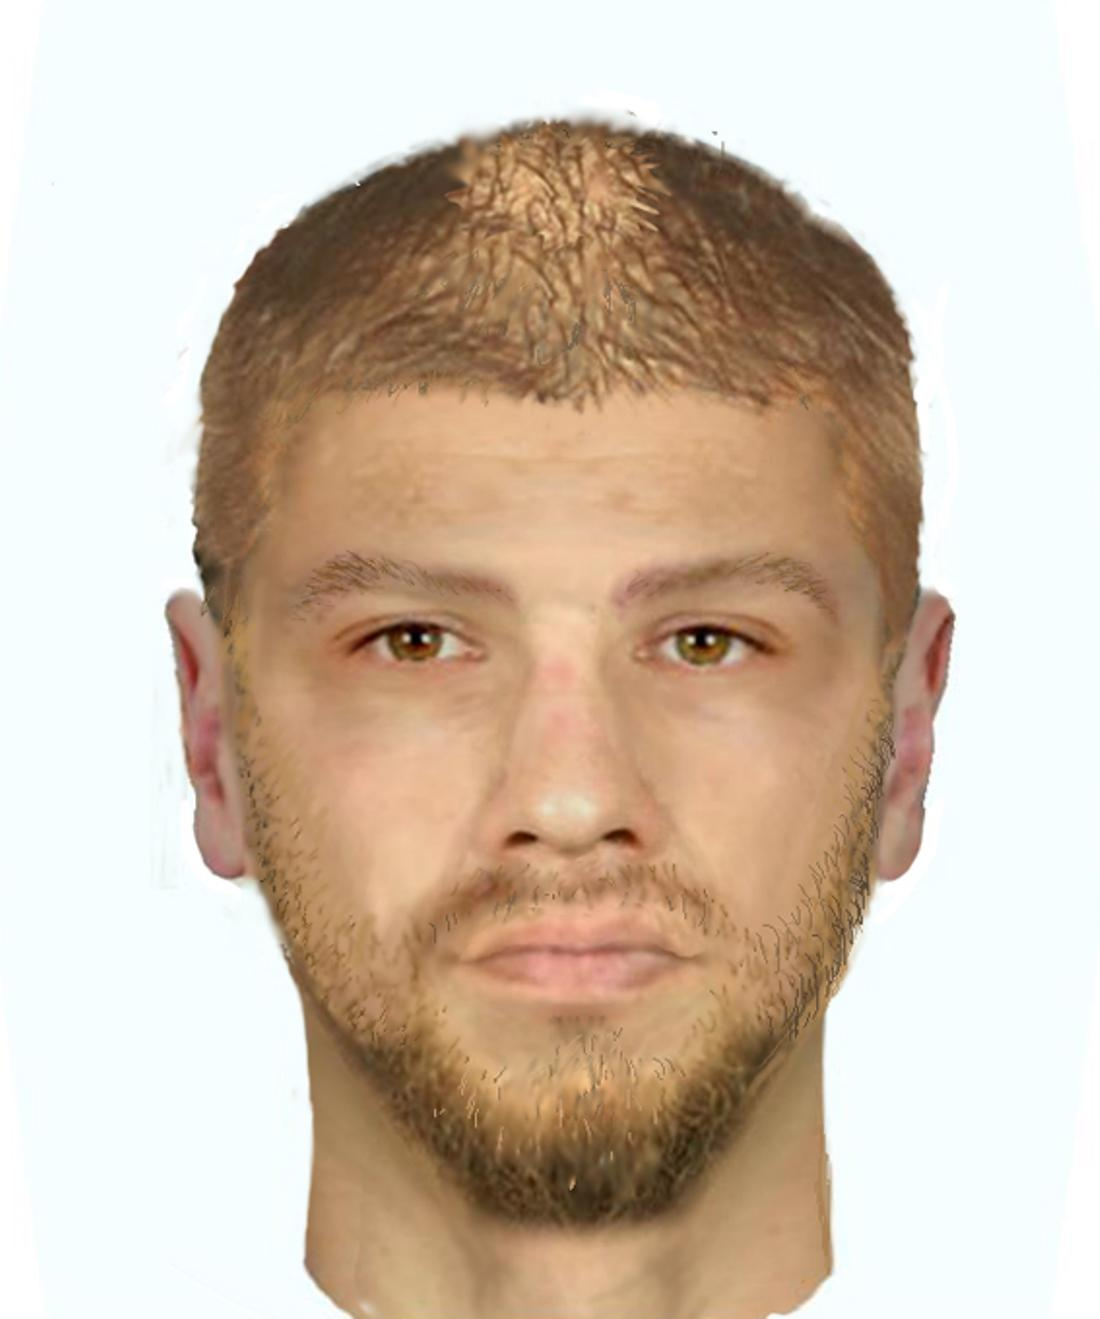 Hledaný muž, který v pražských Letňanech napadl cyklistu.